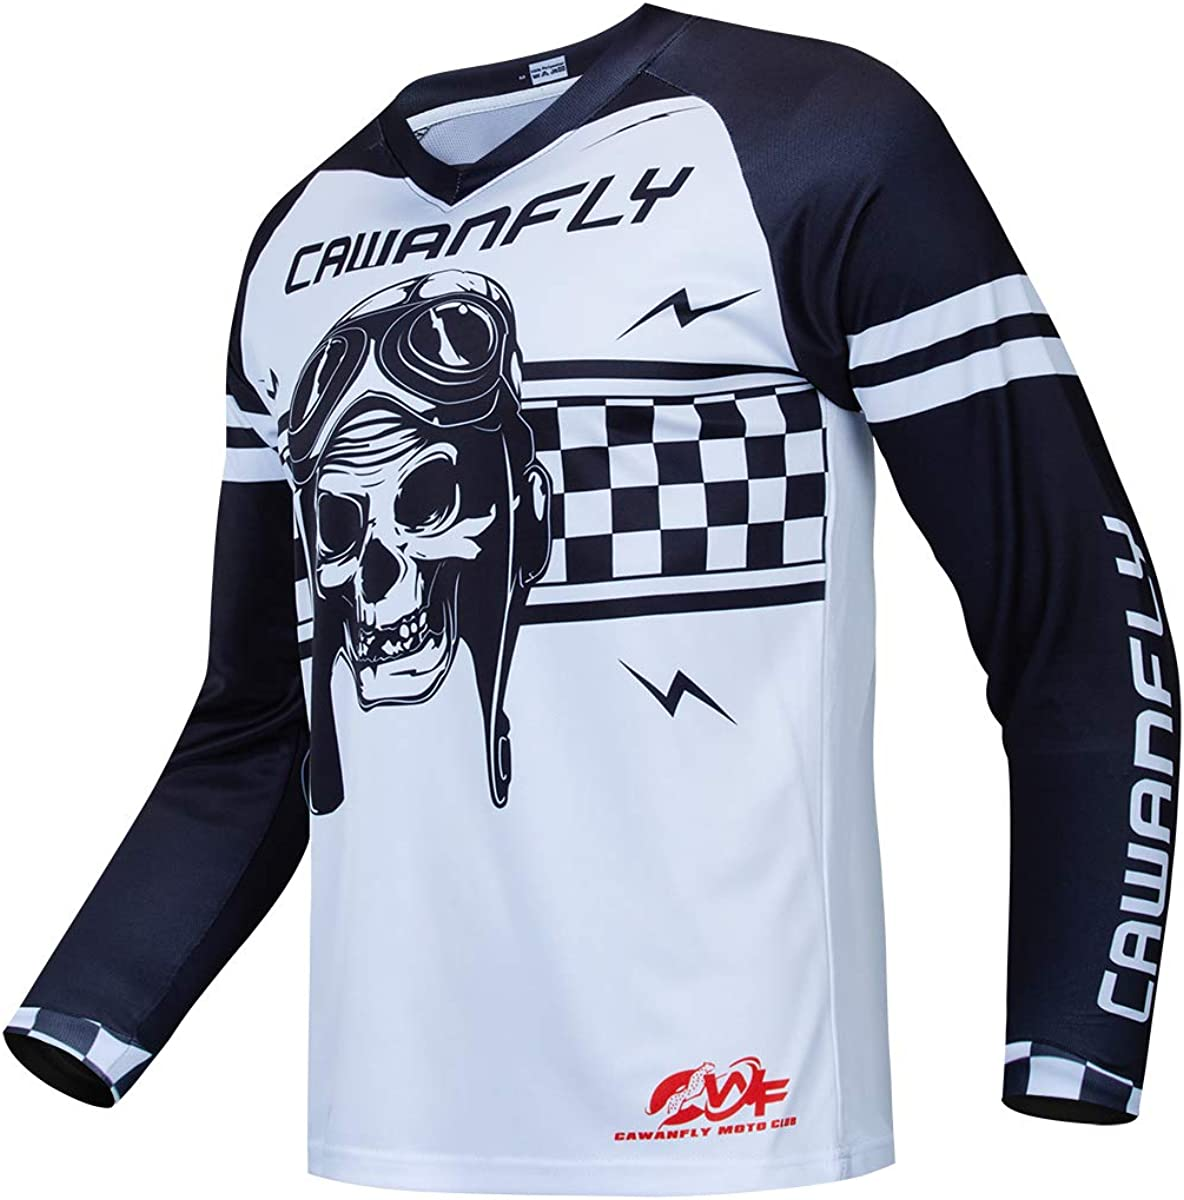 Downhill Cycling Jersey Men's Racing Jersey Long Sleeve MTB Cycling Clothing Mountain Bike Shirt